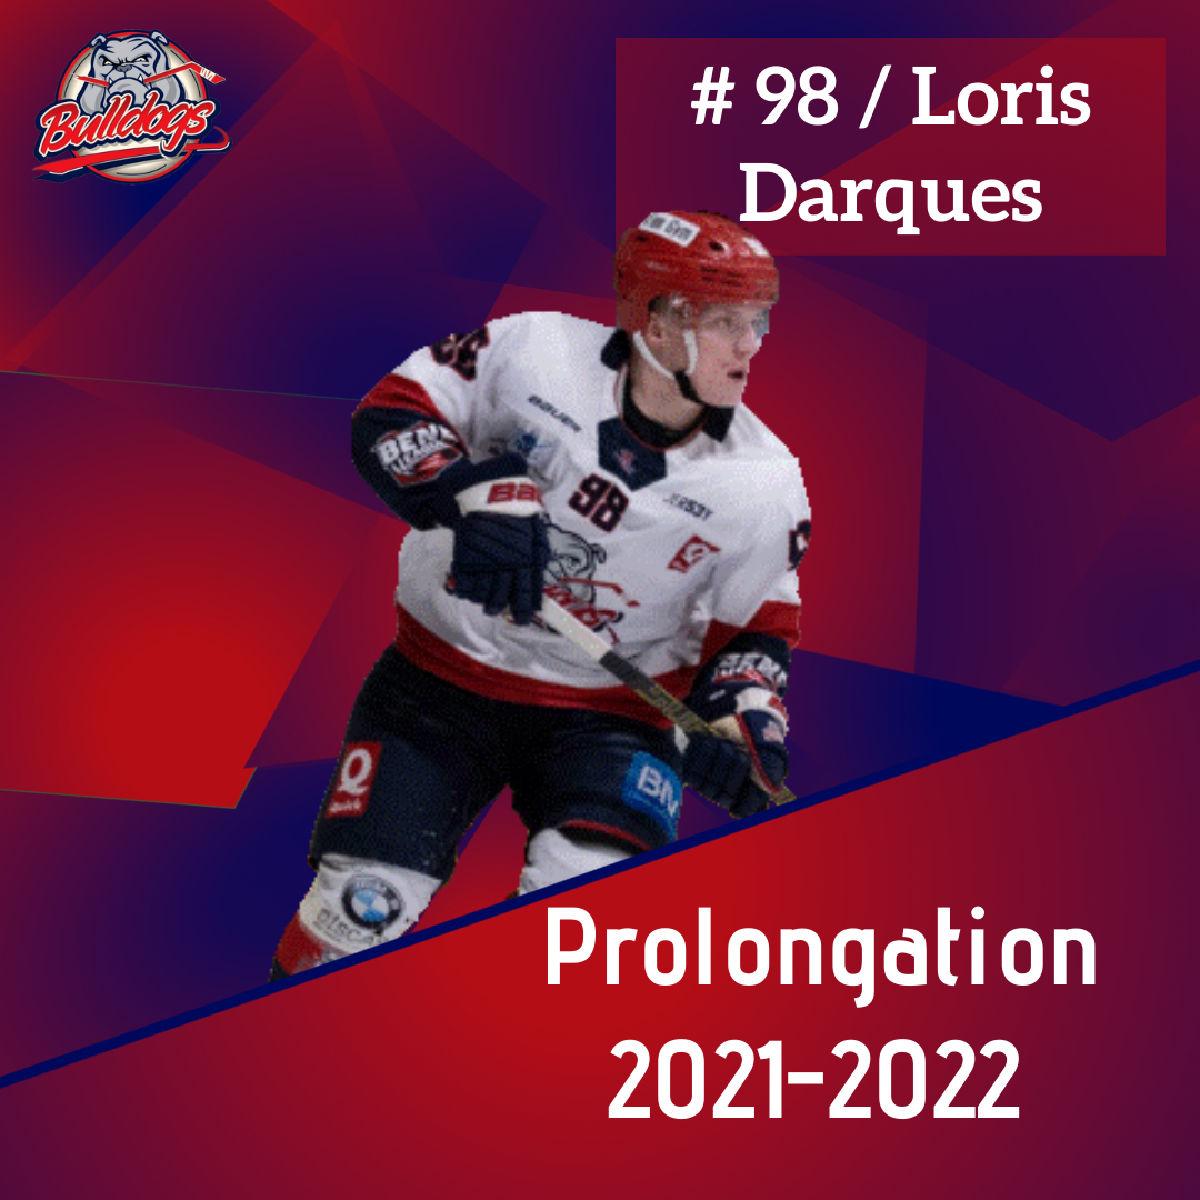 Prolongation pour Loris Darques